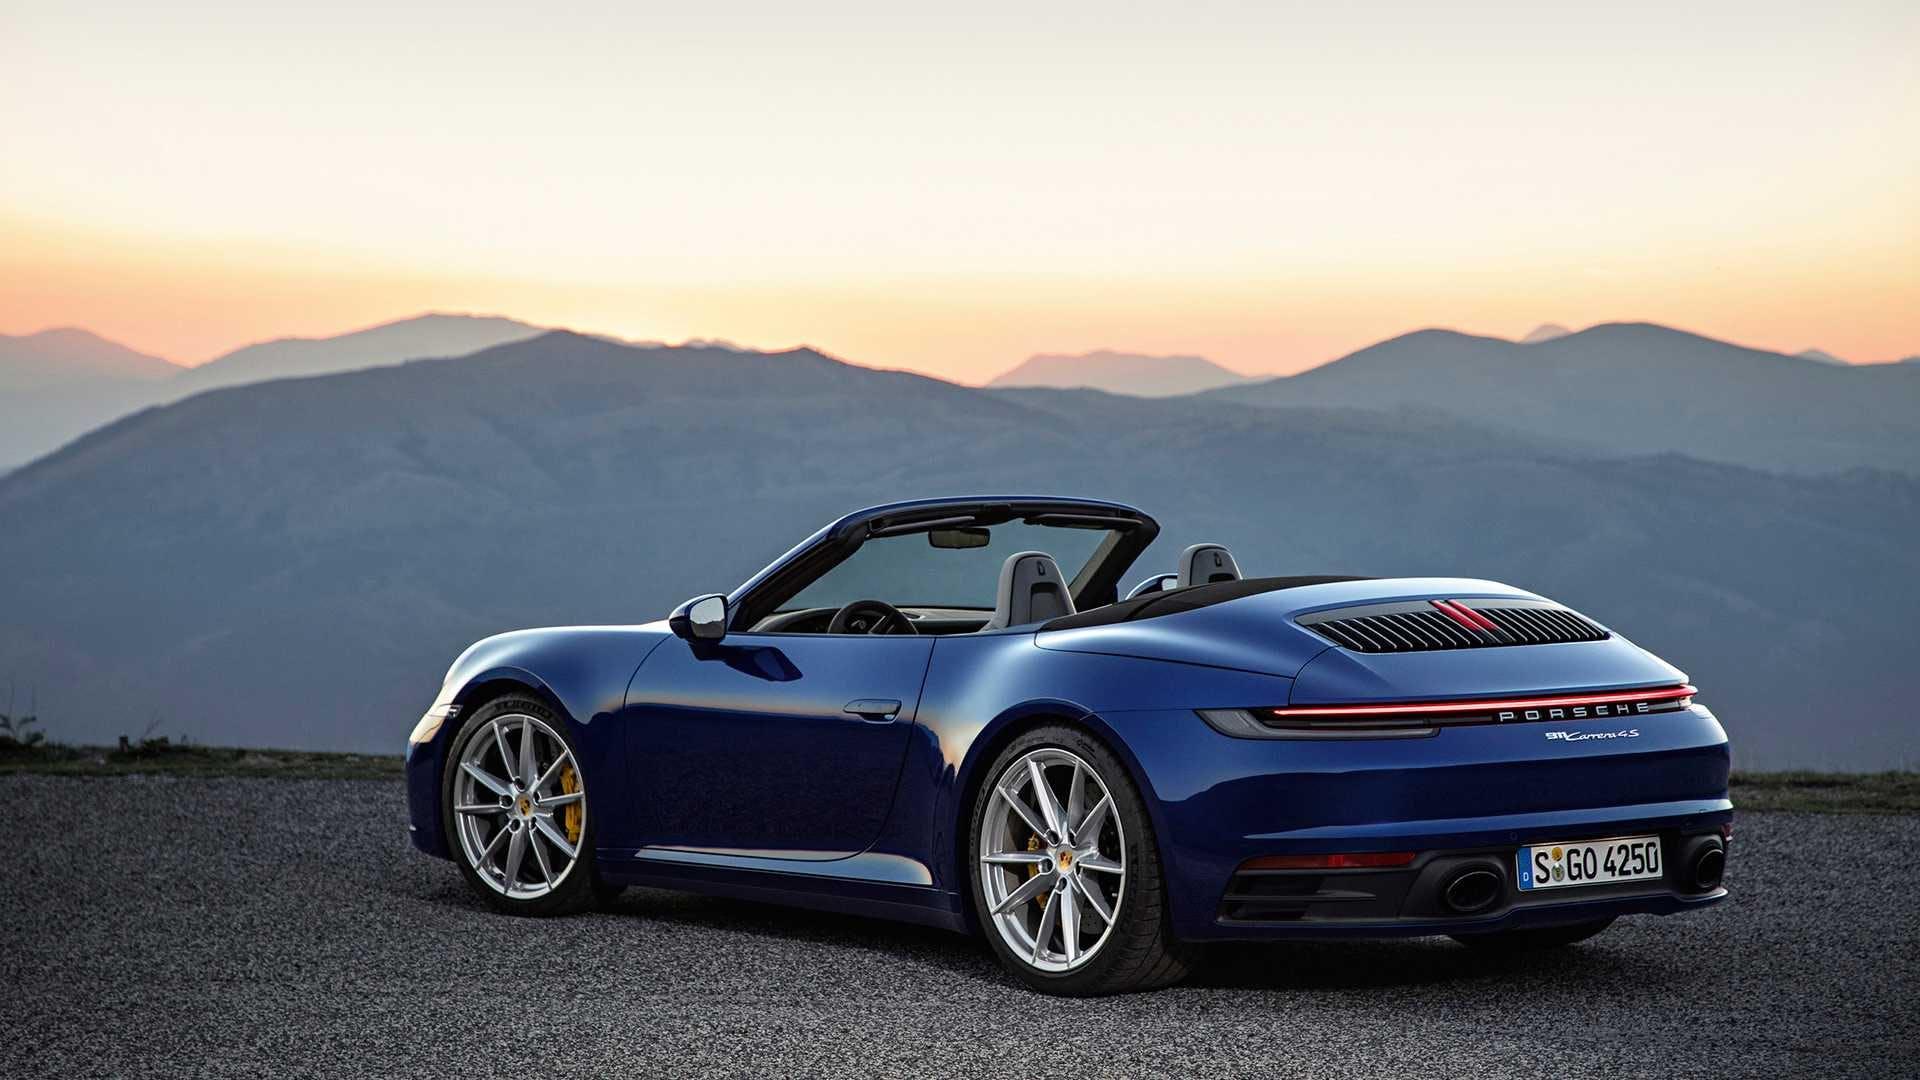 Nuova Porsche 911 Cabriolet scoperta 3/4 posteriore